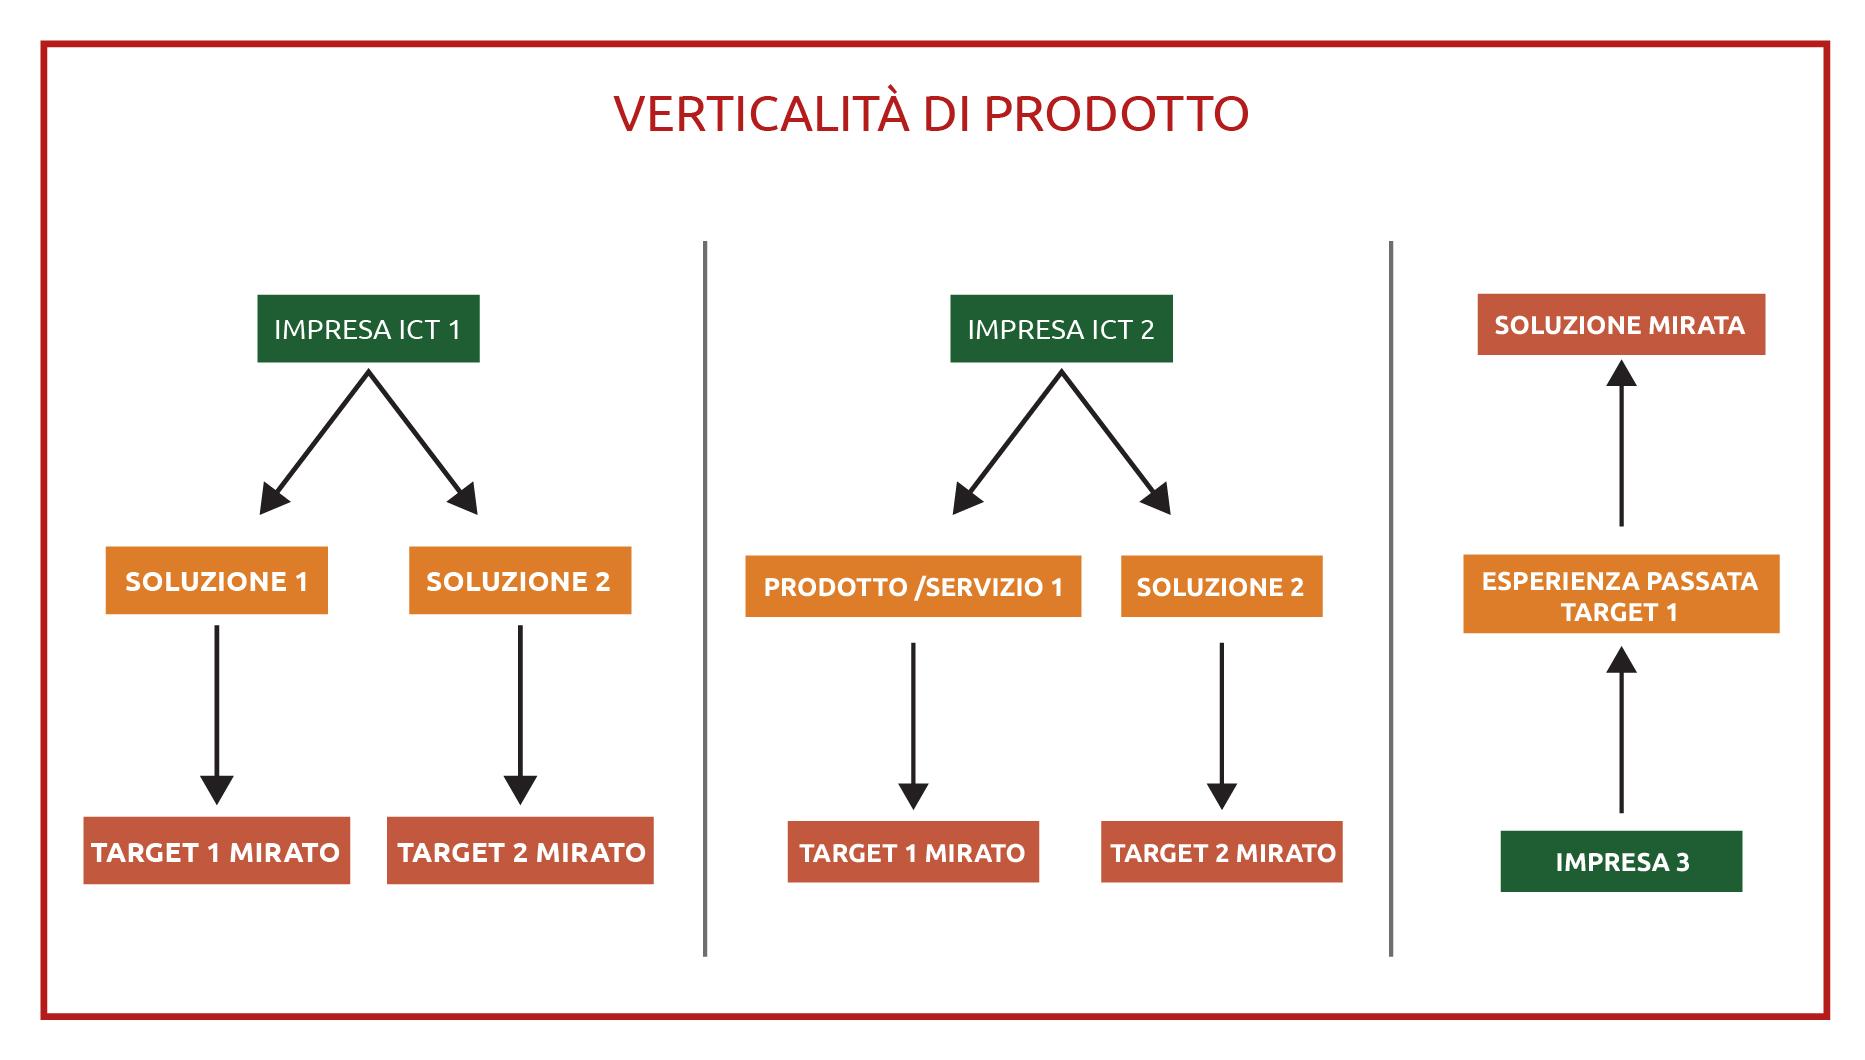 verticalità di prodotto